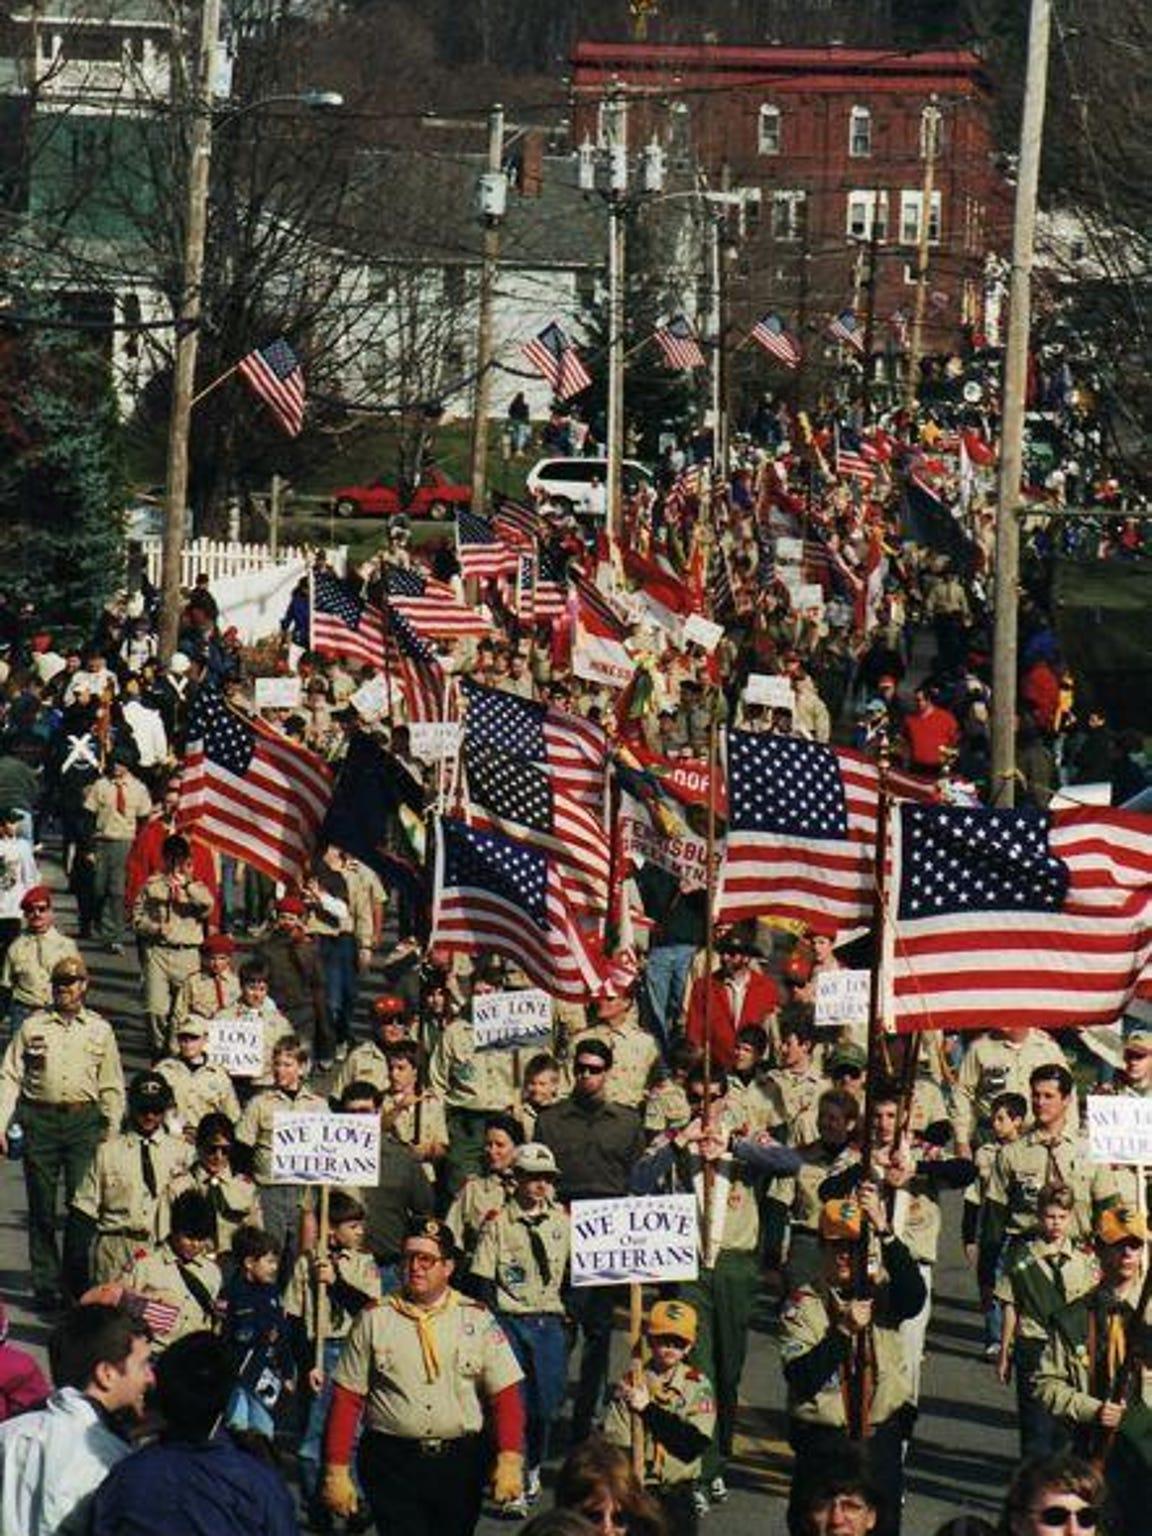 Veterans Day parade on Nov. 6, 1999.